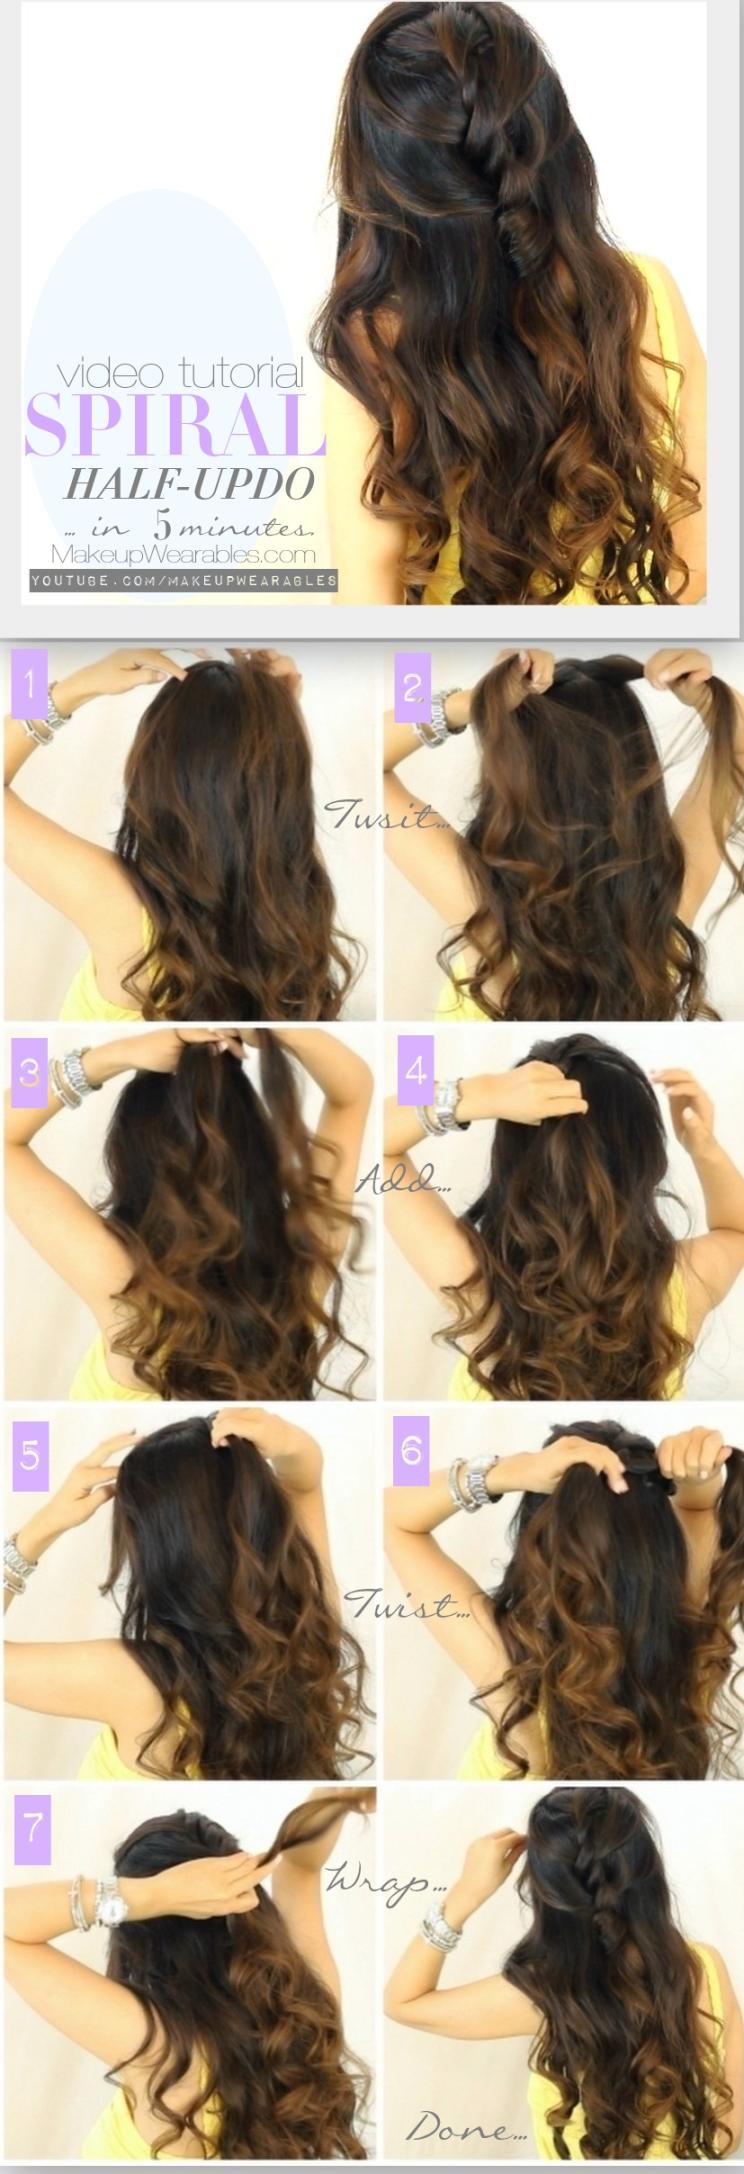 Super 13 Half Up Half Down Hair Tutorials Short Hairstyles Gunalazisus